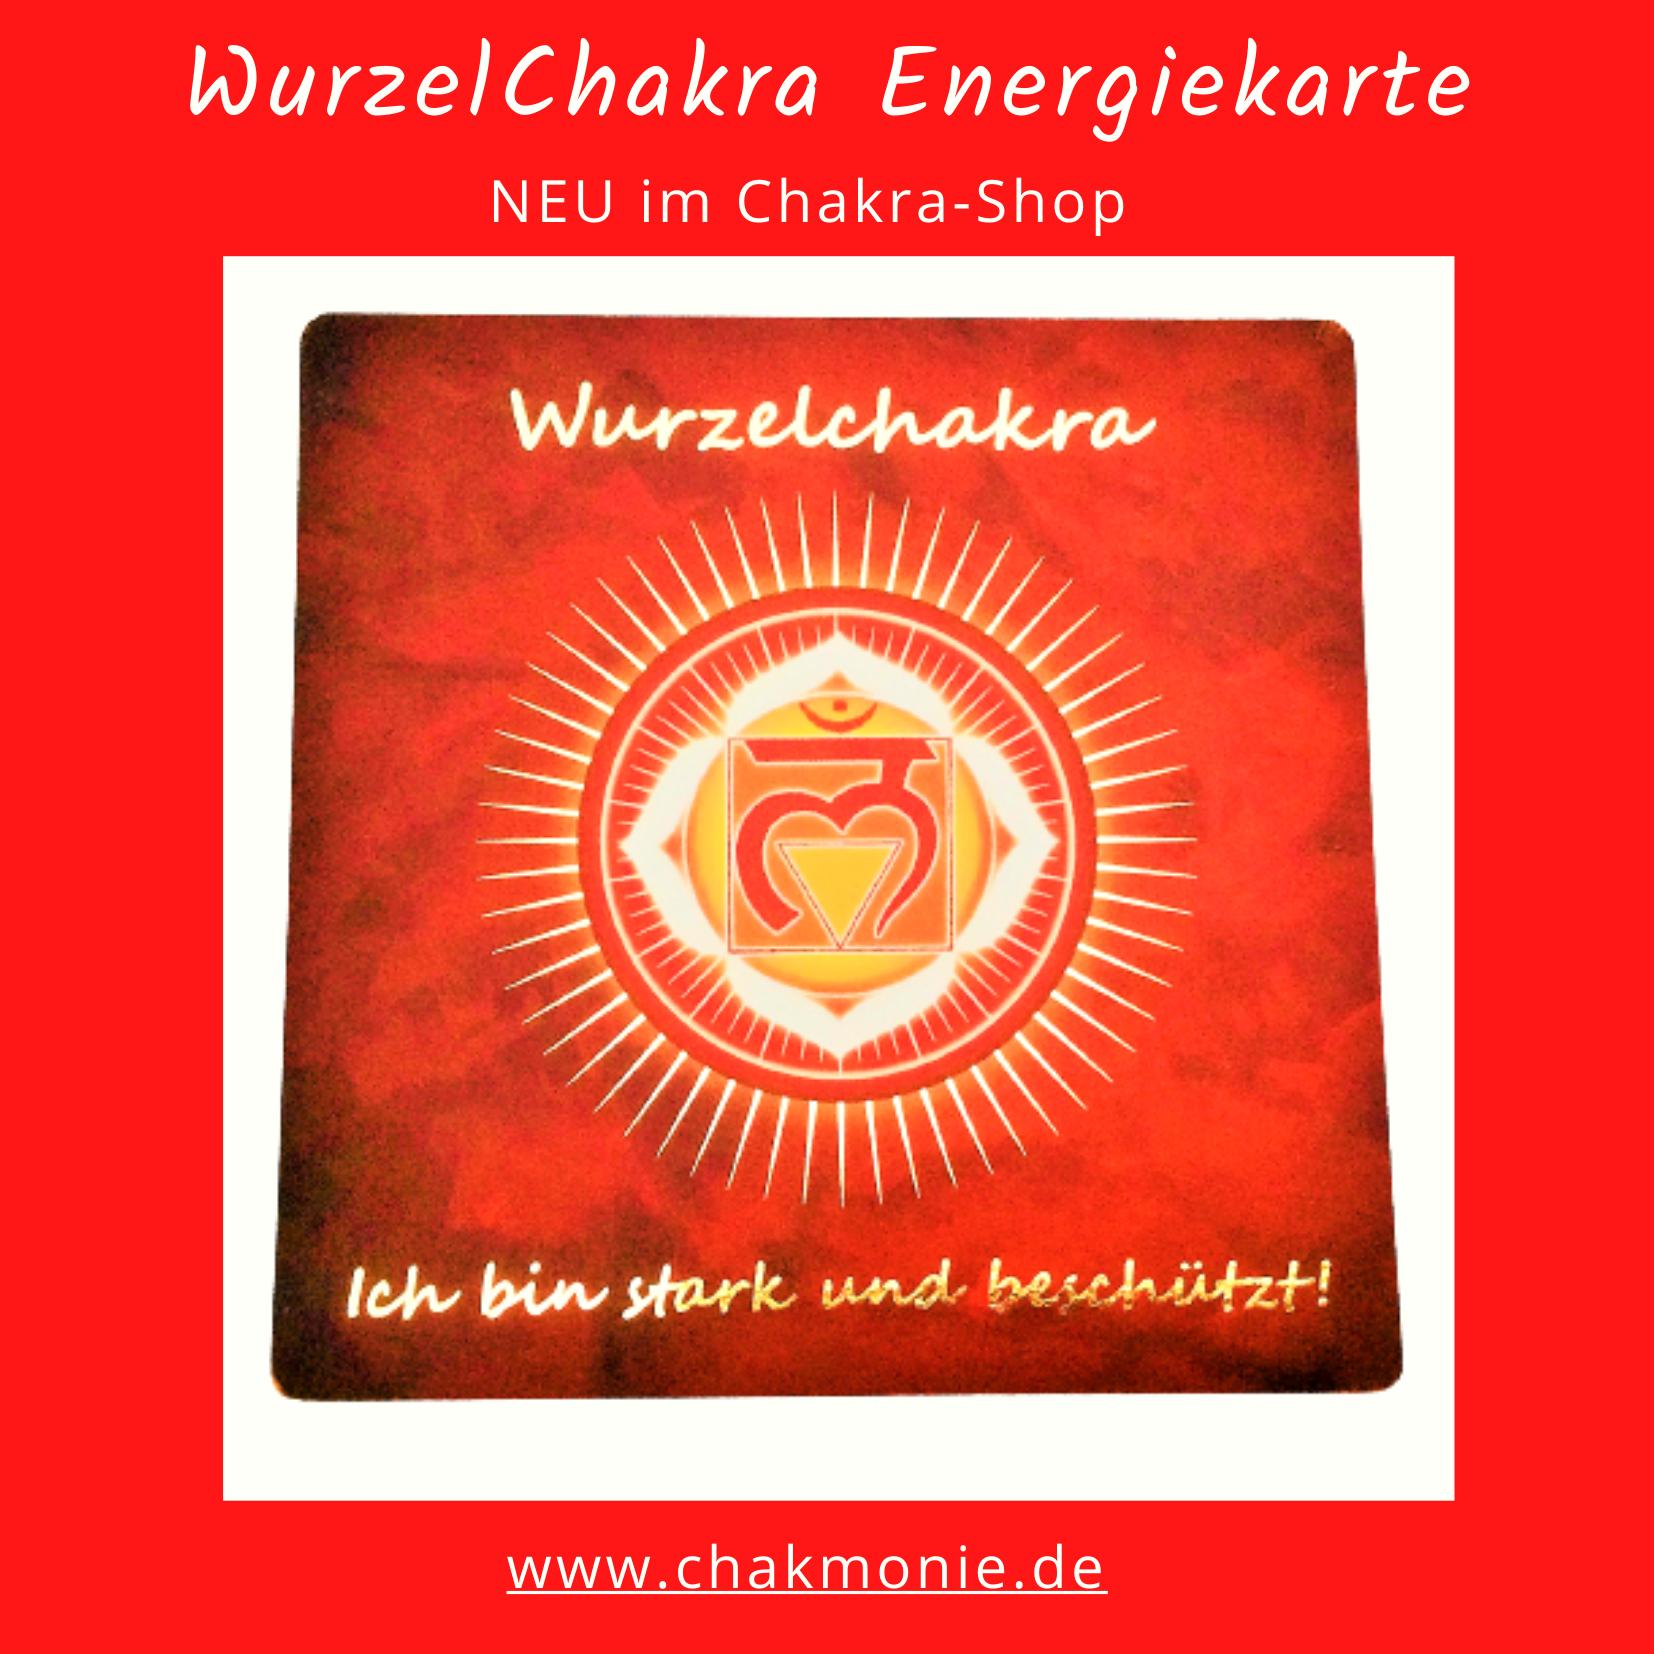 WurzelChakra Energiekarte